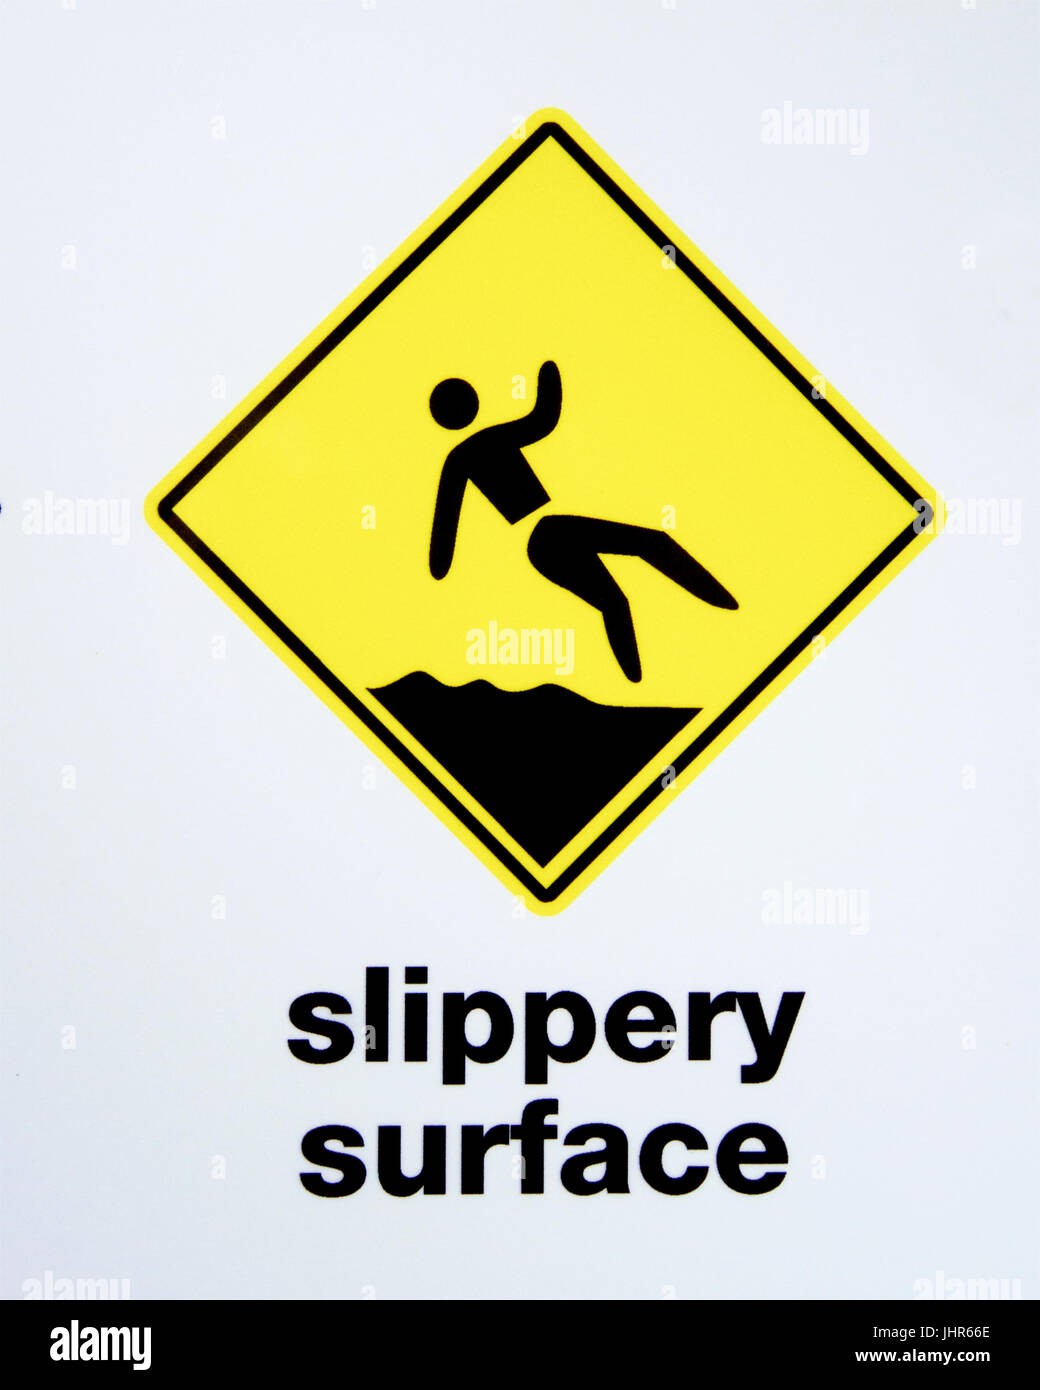 Warning slippery surface signage. - Stock Image